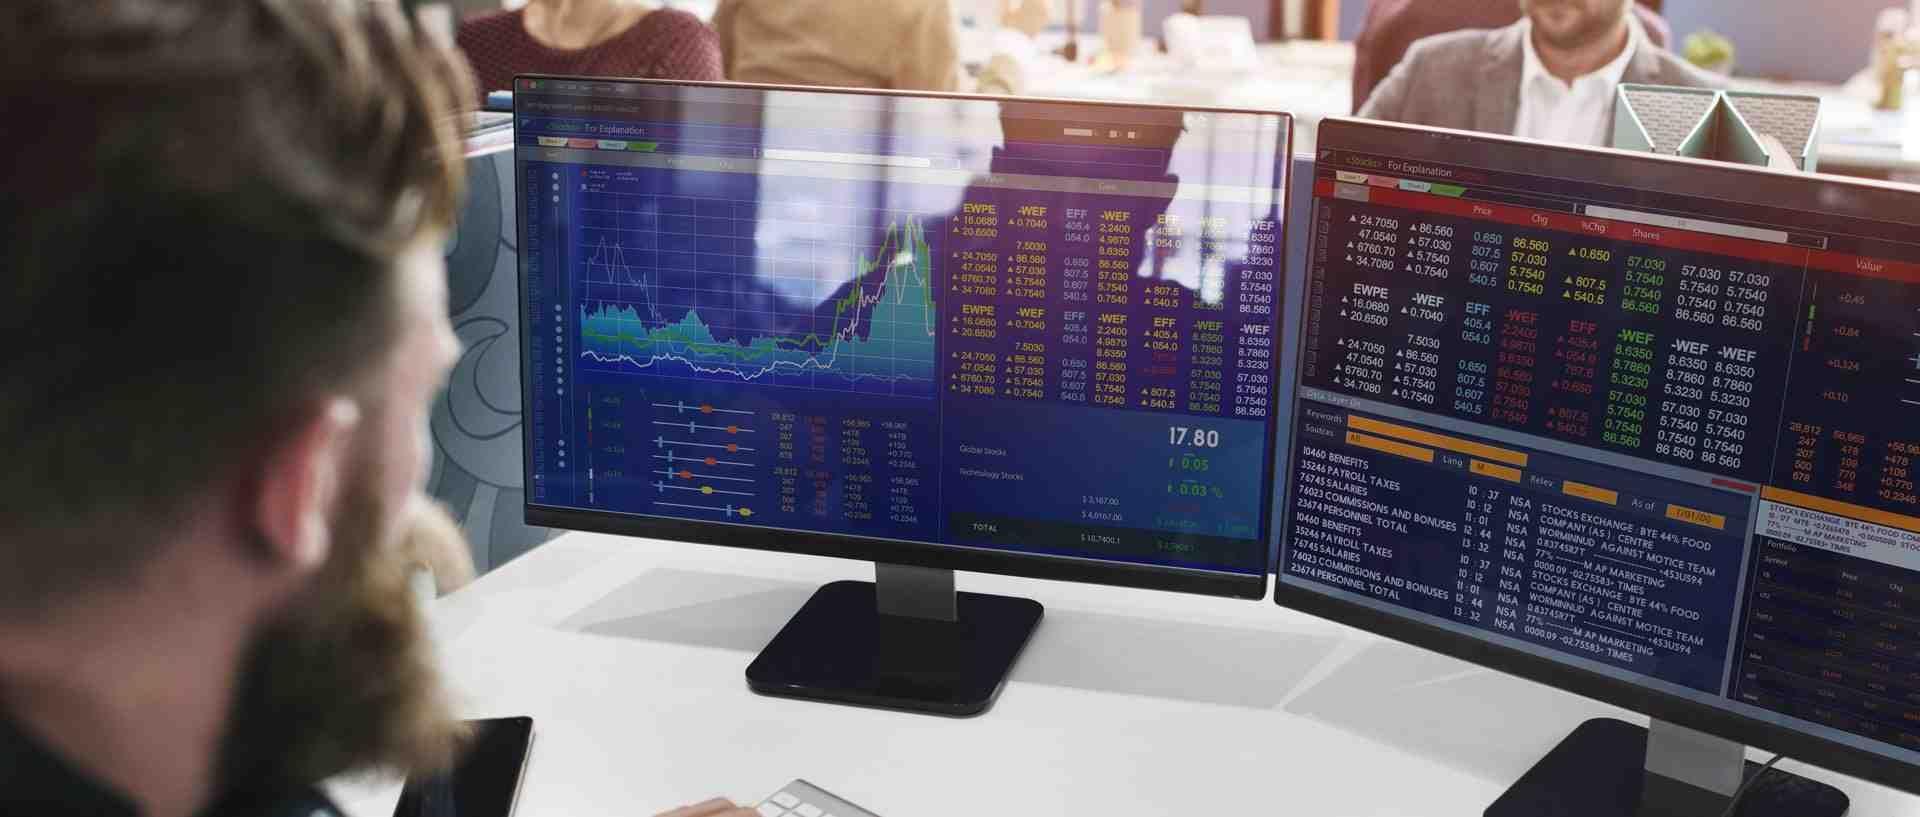 Pin By Sarakalb On Century Ae Financial Markets Marketing Dubai